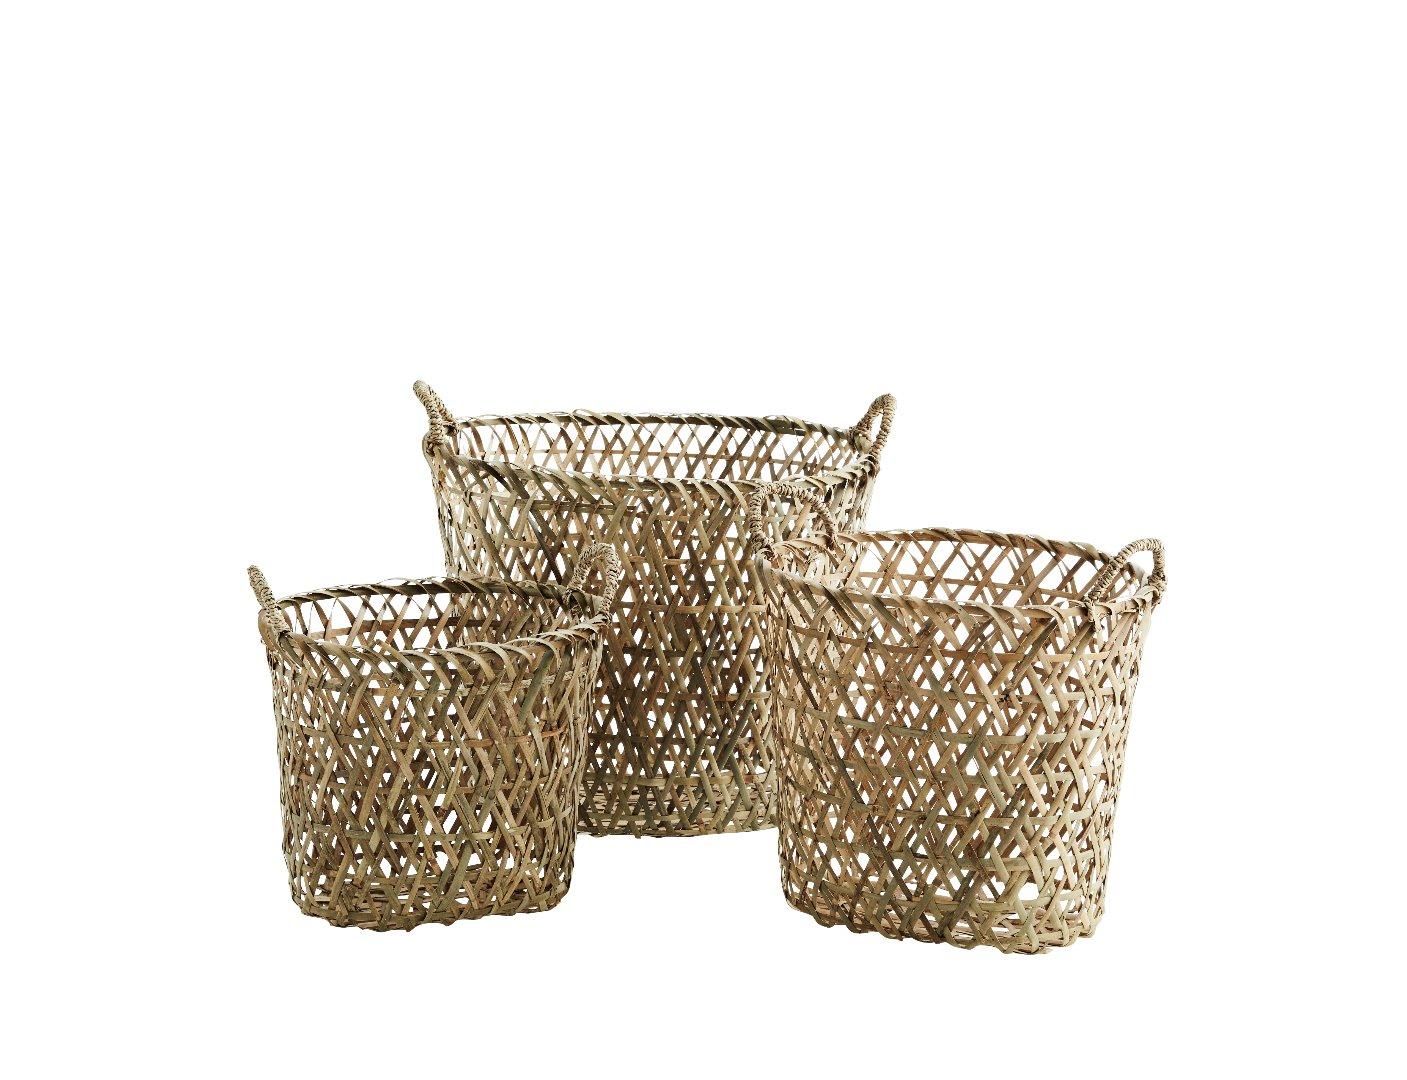 3er Set ovale Bambuskörbe 2